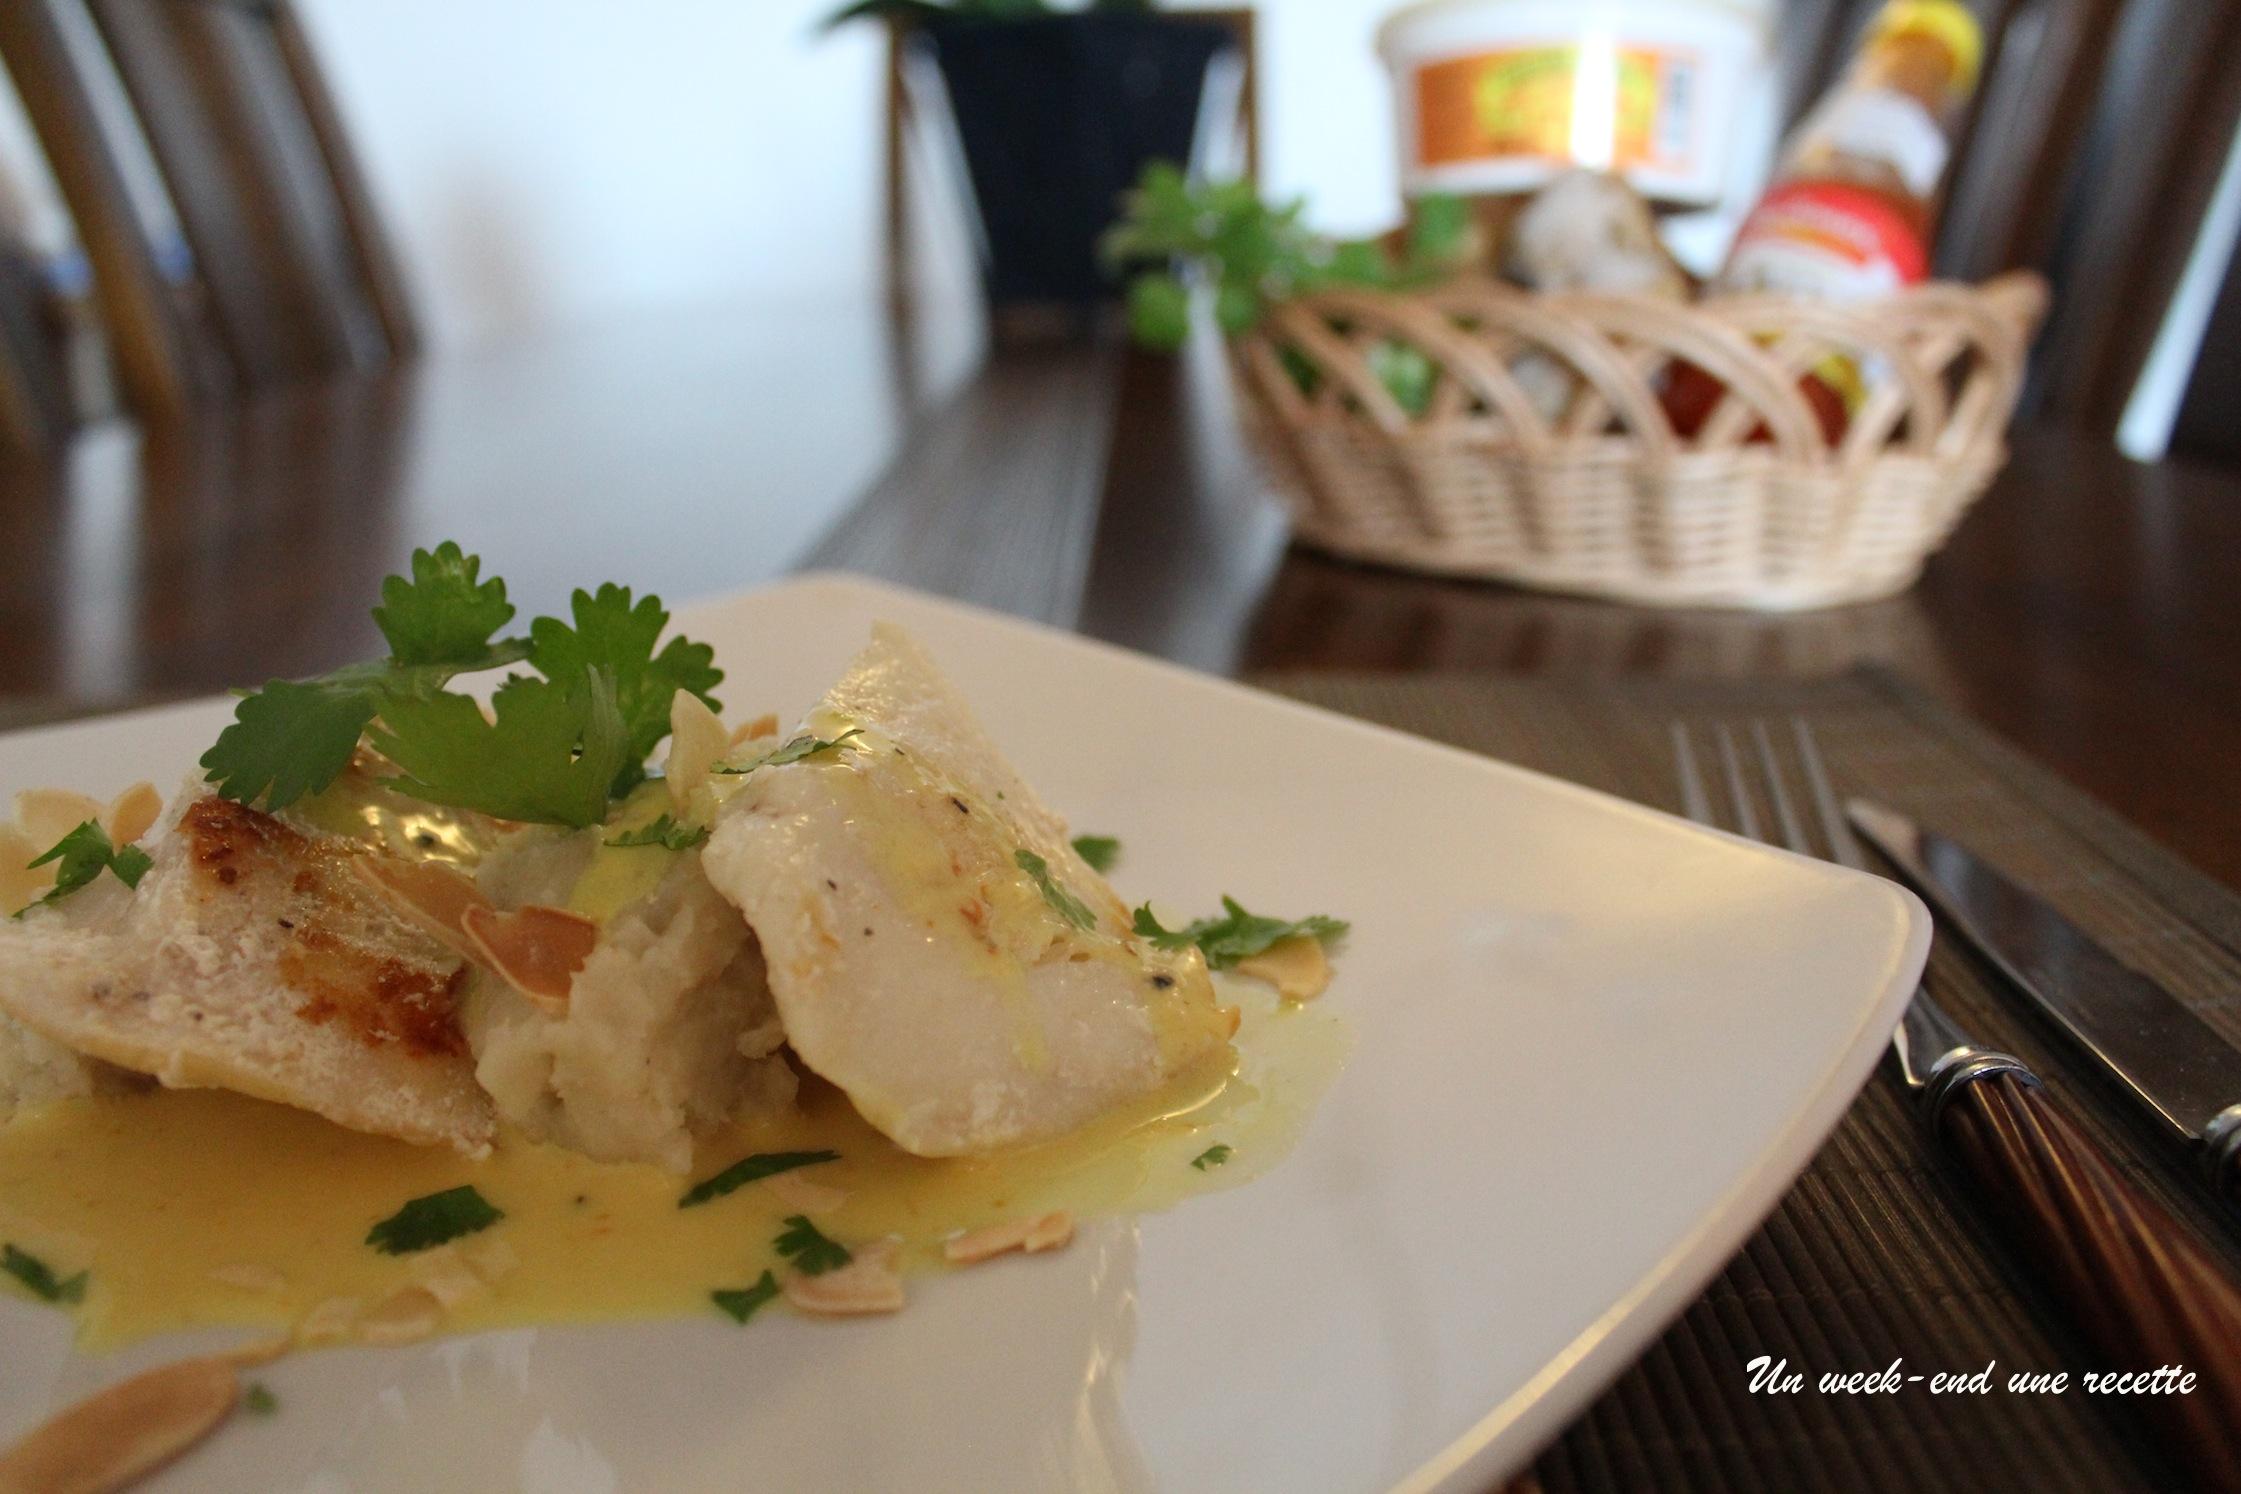 Joues de légine sauce piquante avec sa purée de patate douce à la coriandre